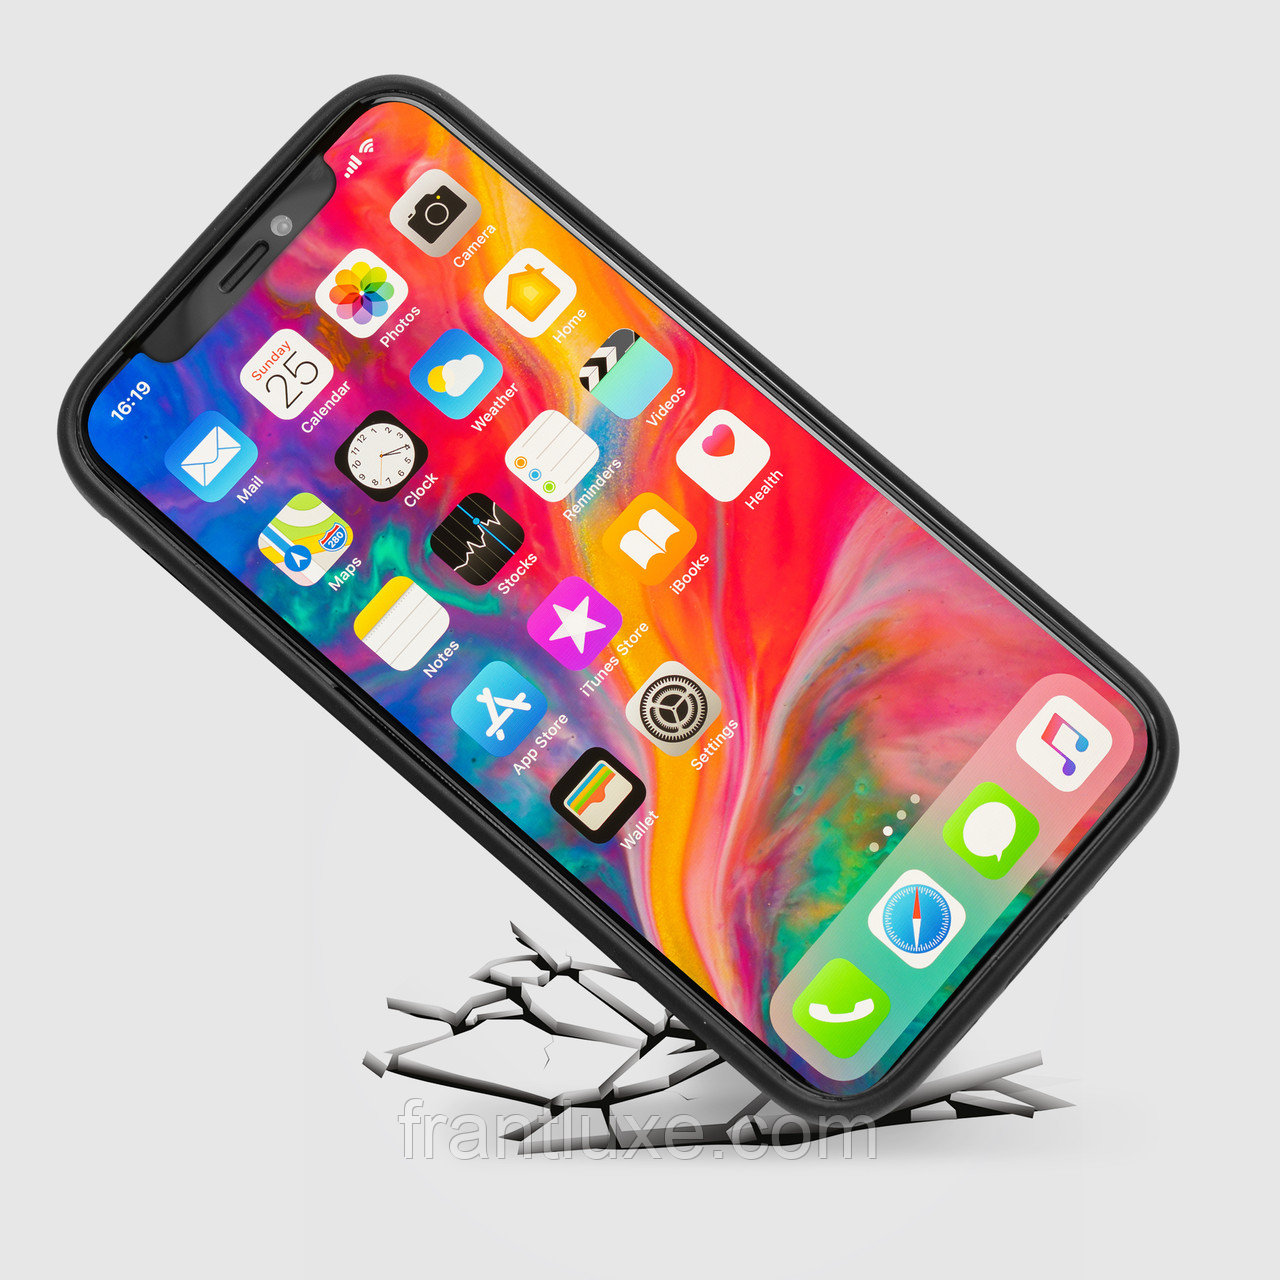 Чехол для телефона iPhone 12 Pro Max с ремешком-держателем синий - фото 9